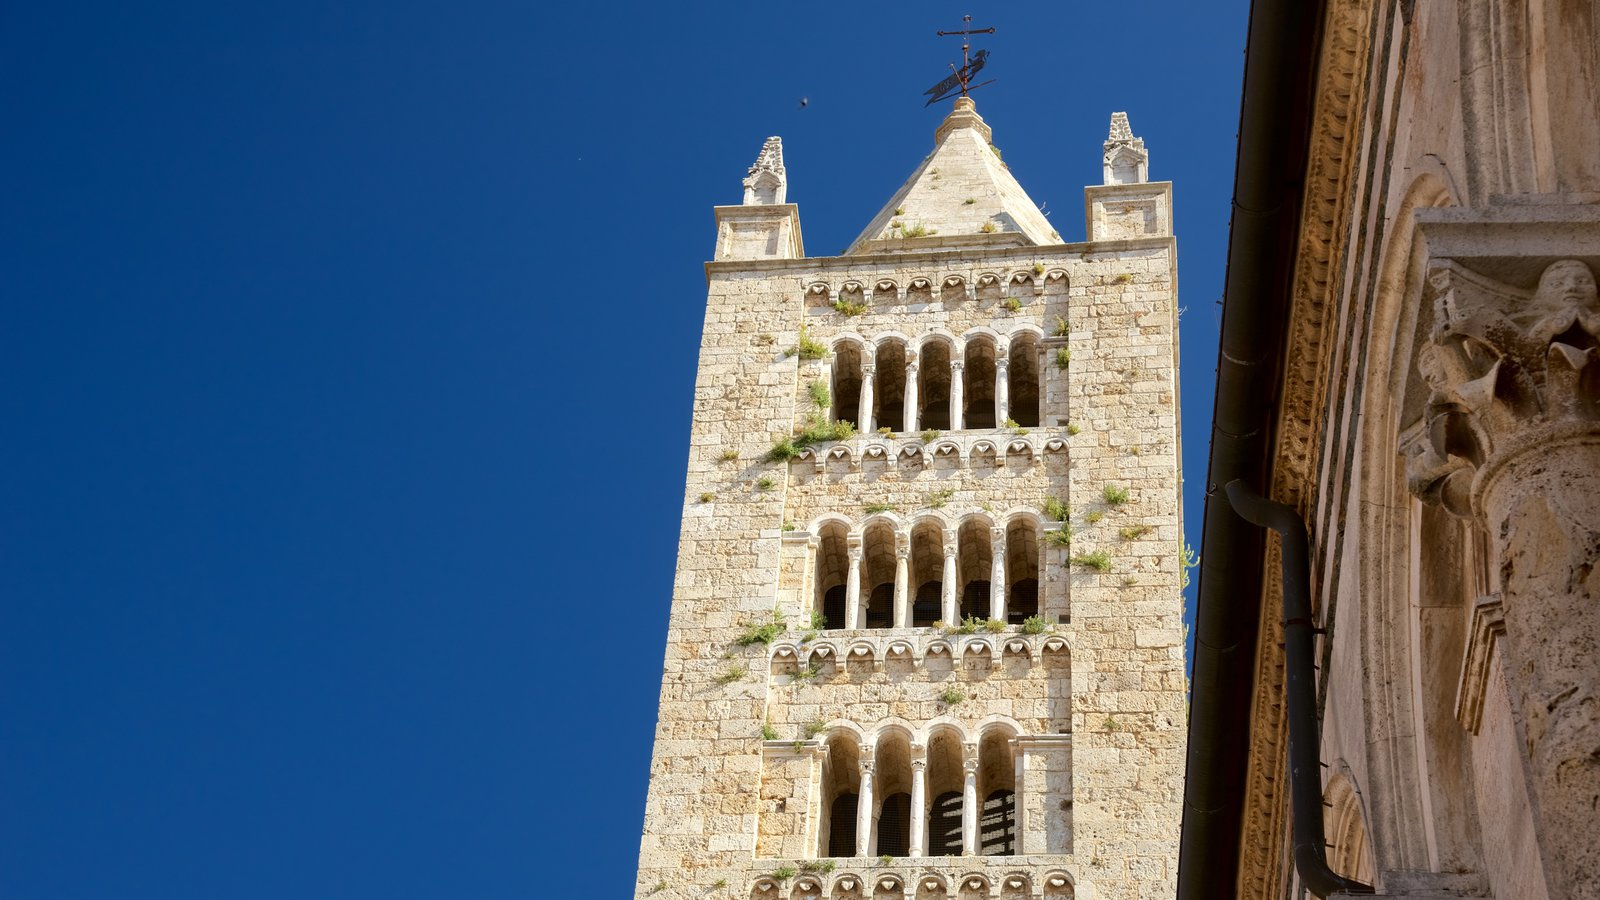 Massa Marittima showing heritage architecture